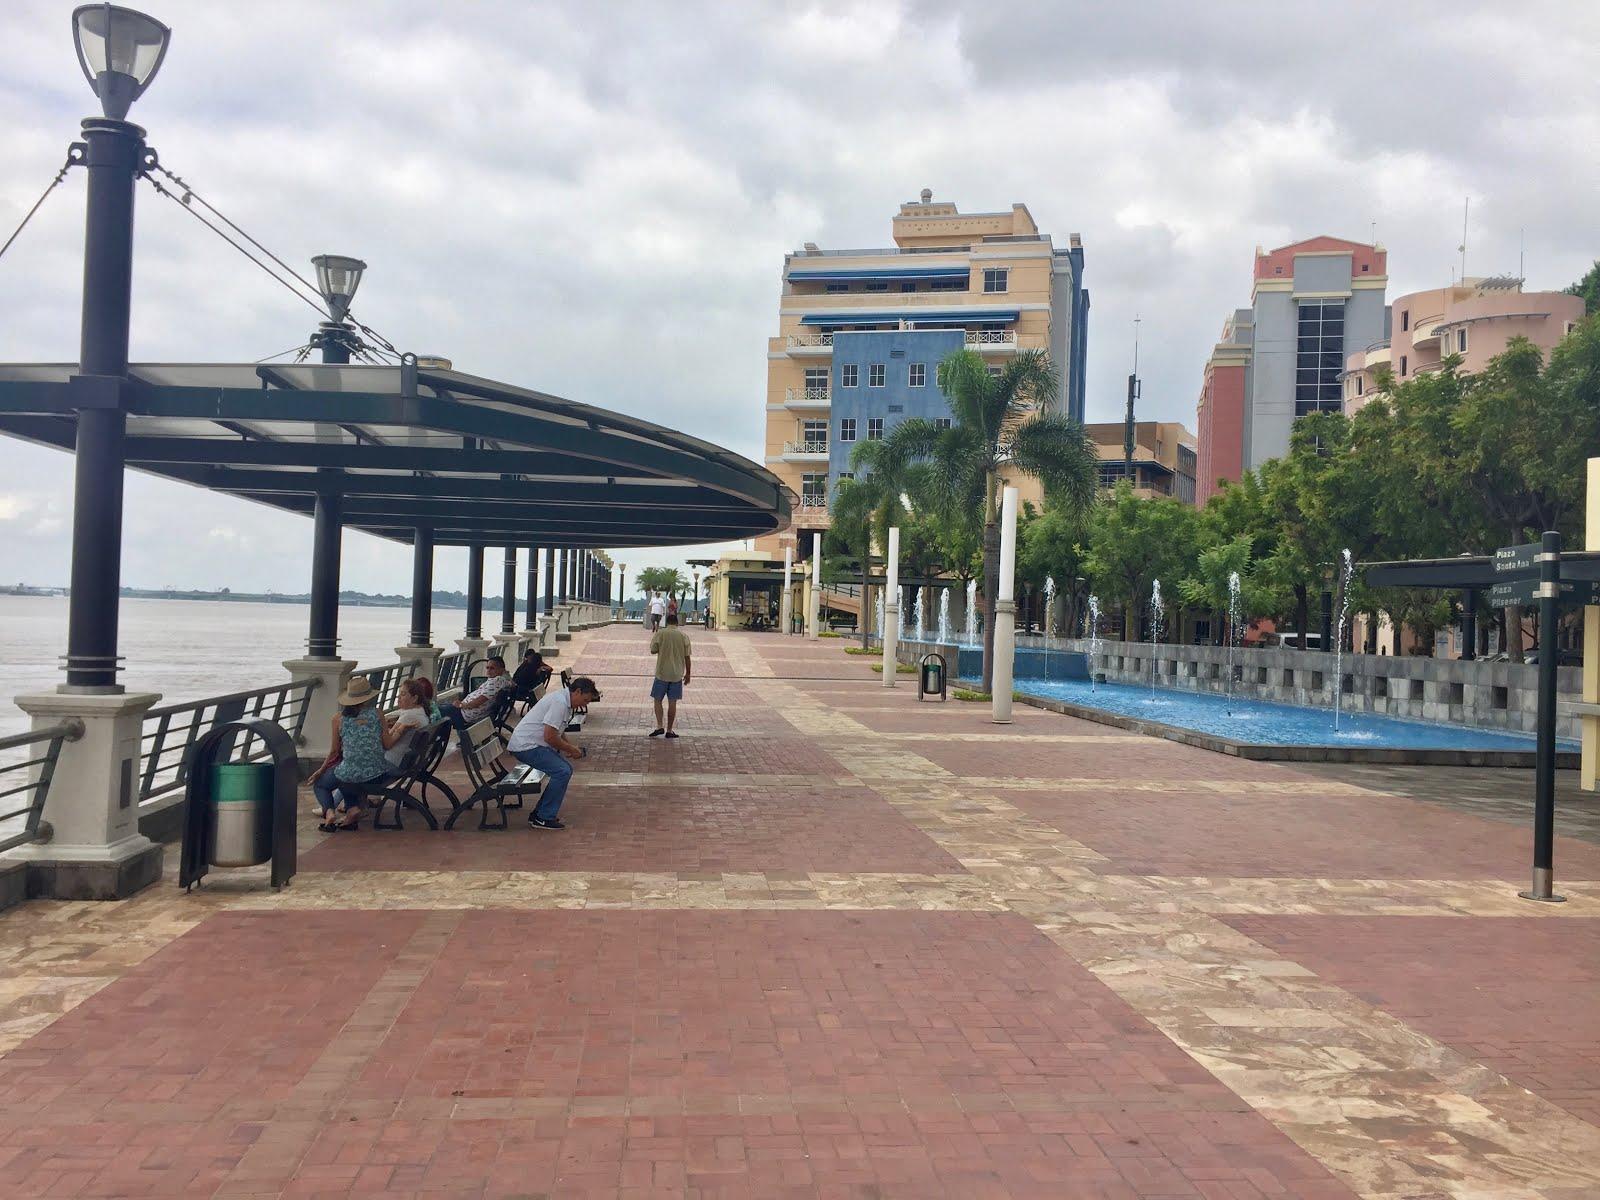 Puerto Santana